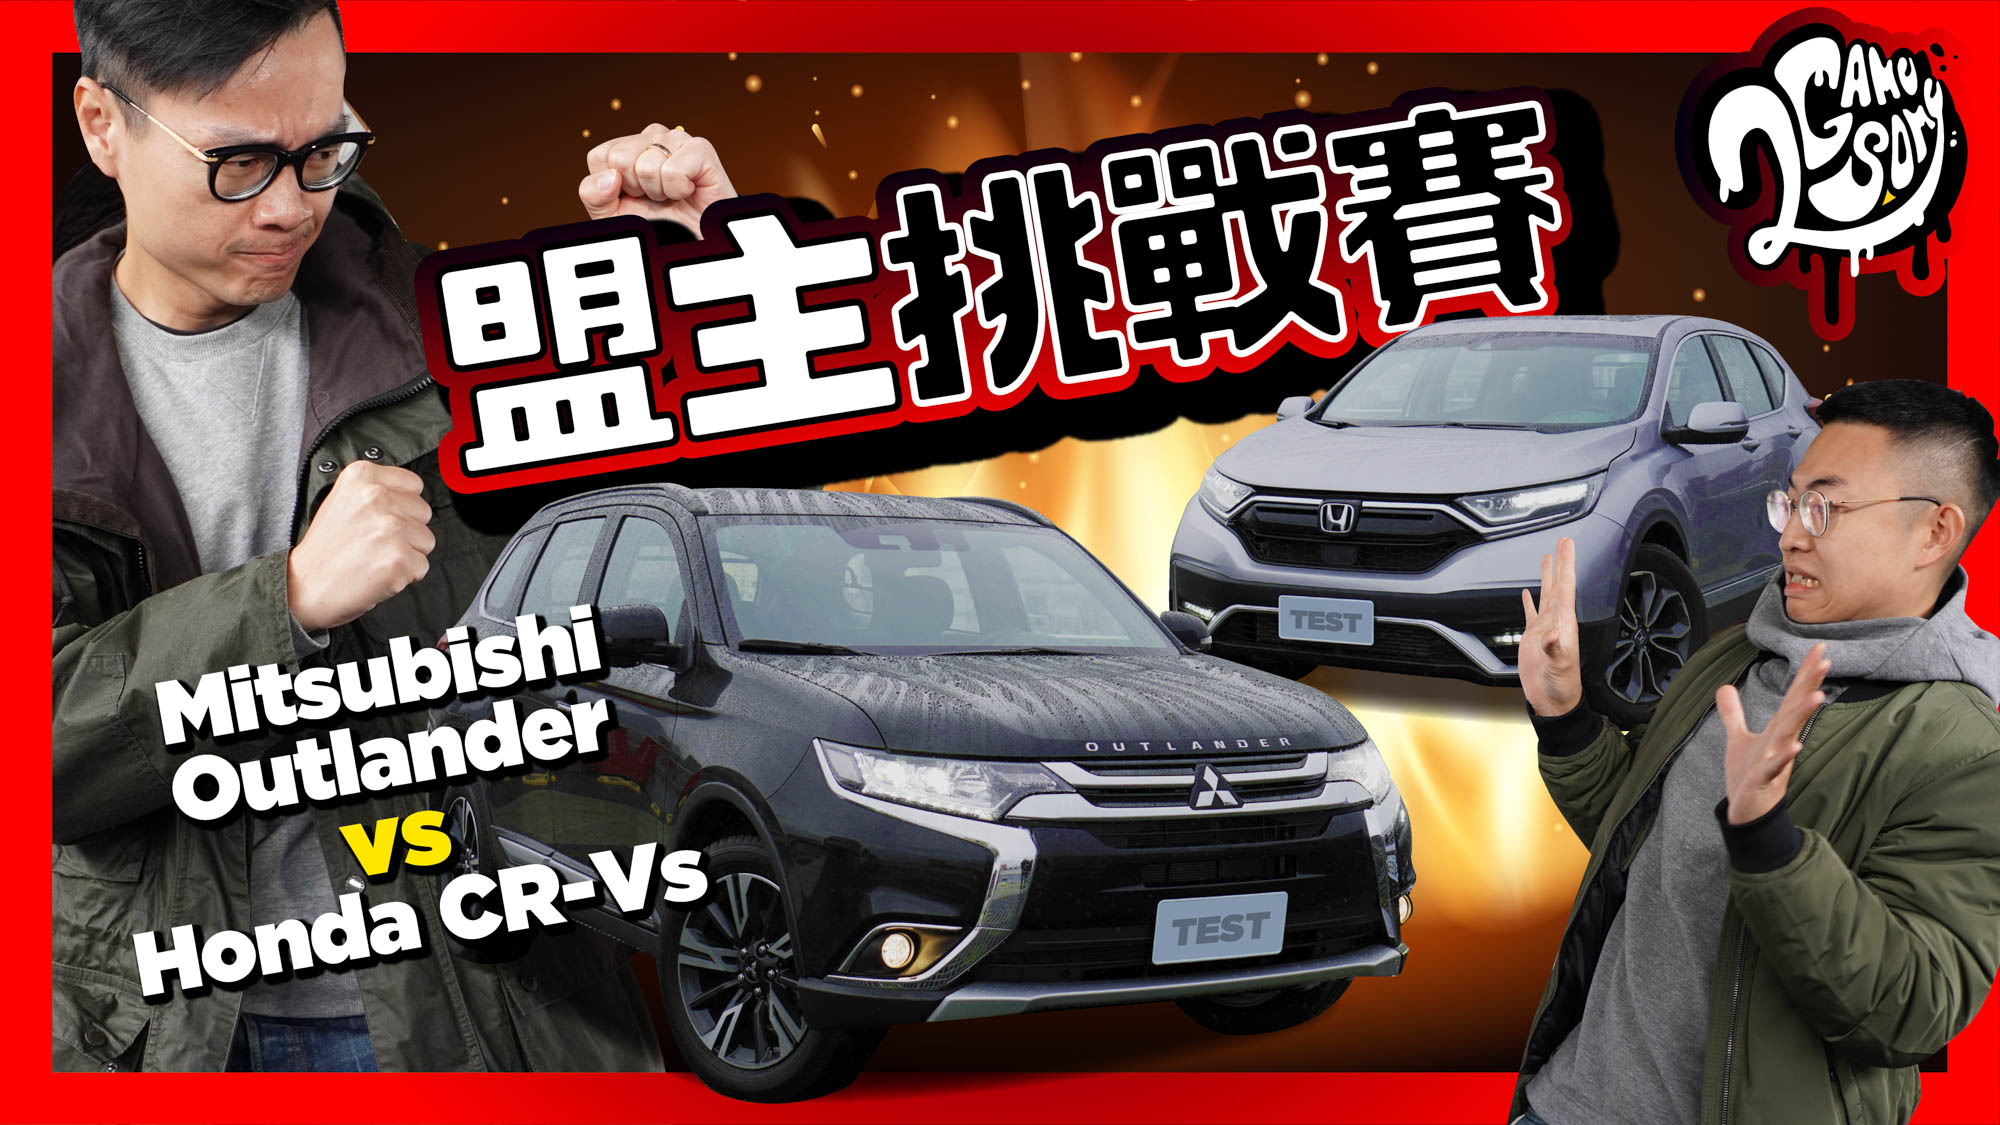 【盟主挑戰賽】國產中型休旅王大戰!Mitsubishi Outlander vs Honda CR-V 七大面向比給你看!